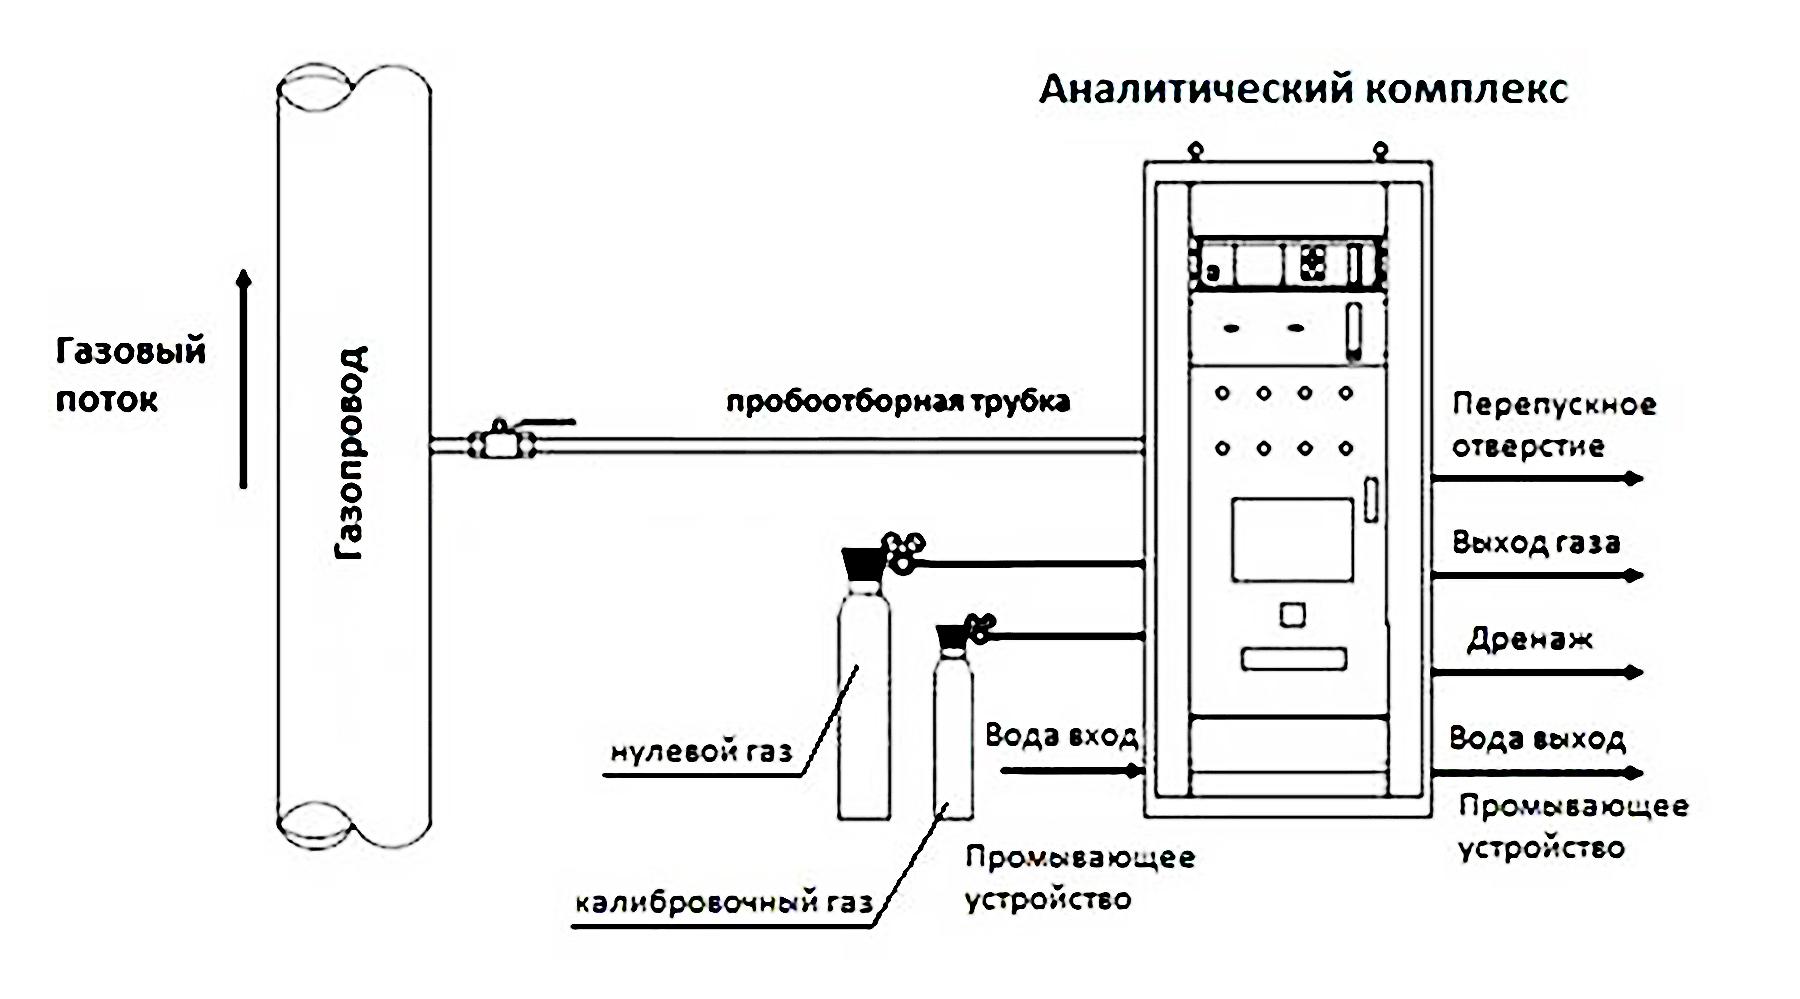 Система непрерывного мониторинга выбросов промышленных предприятий